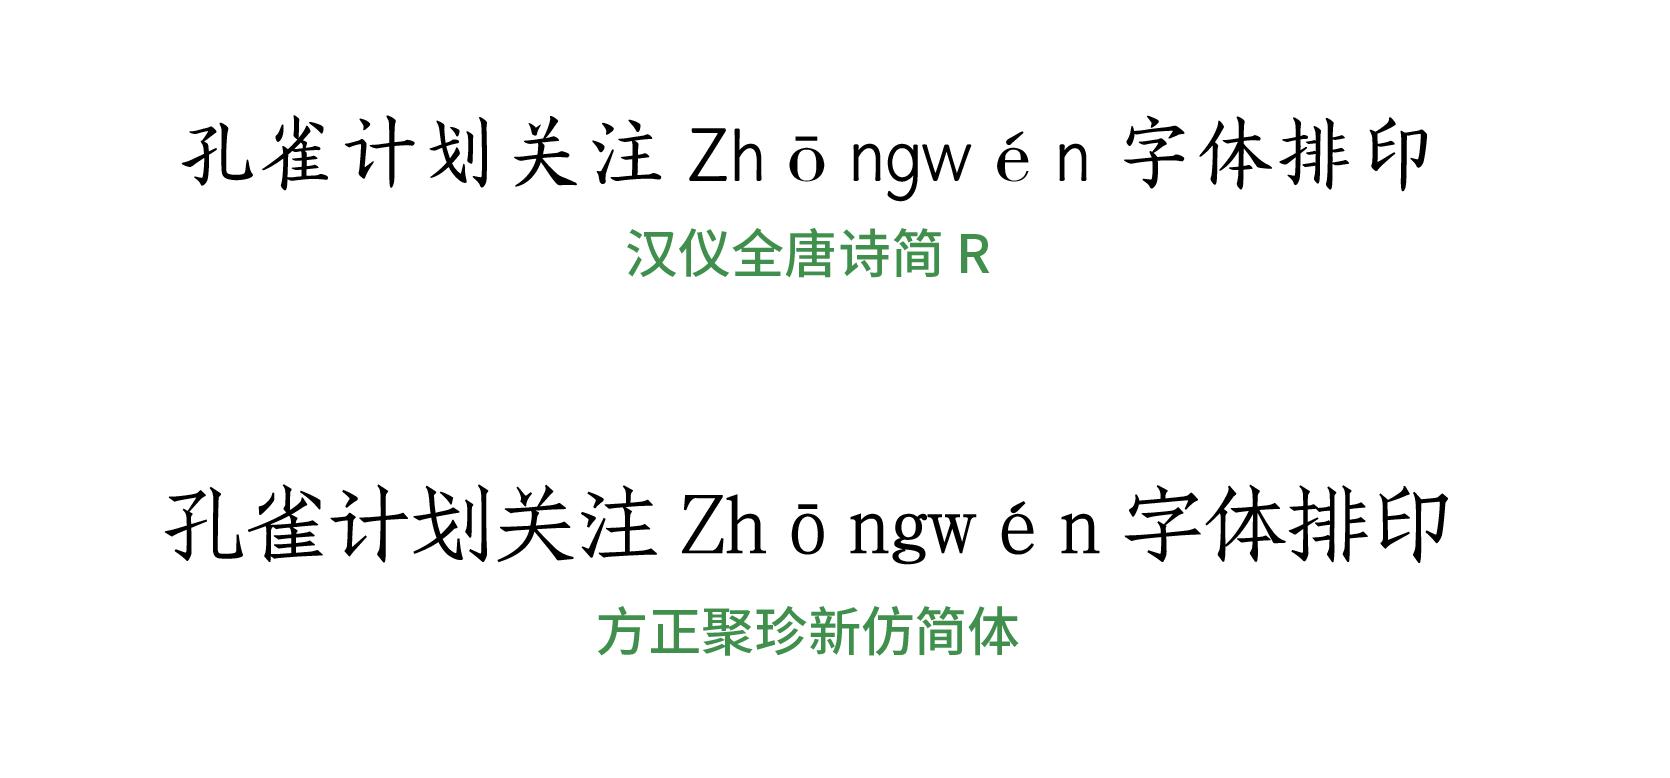 jingpin-pinyin